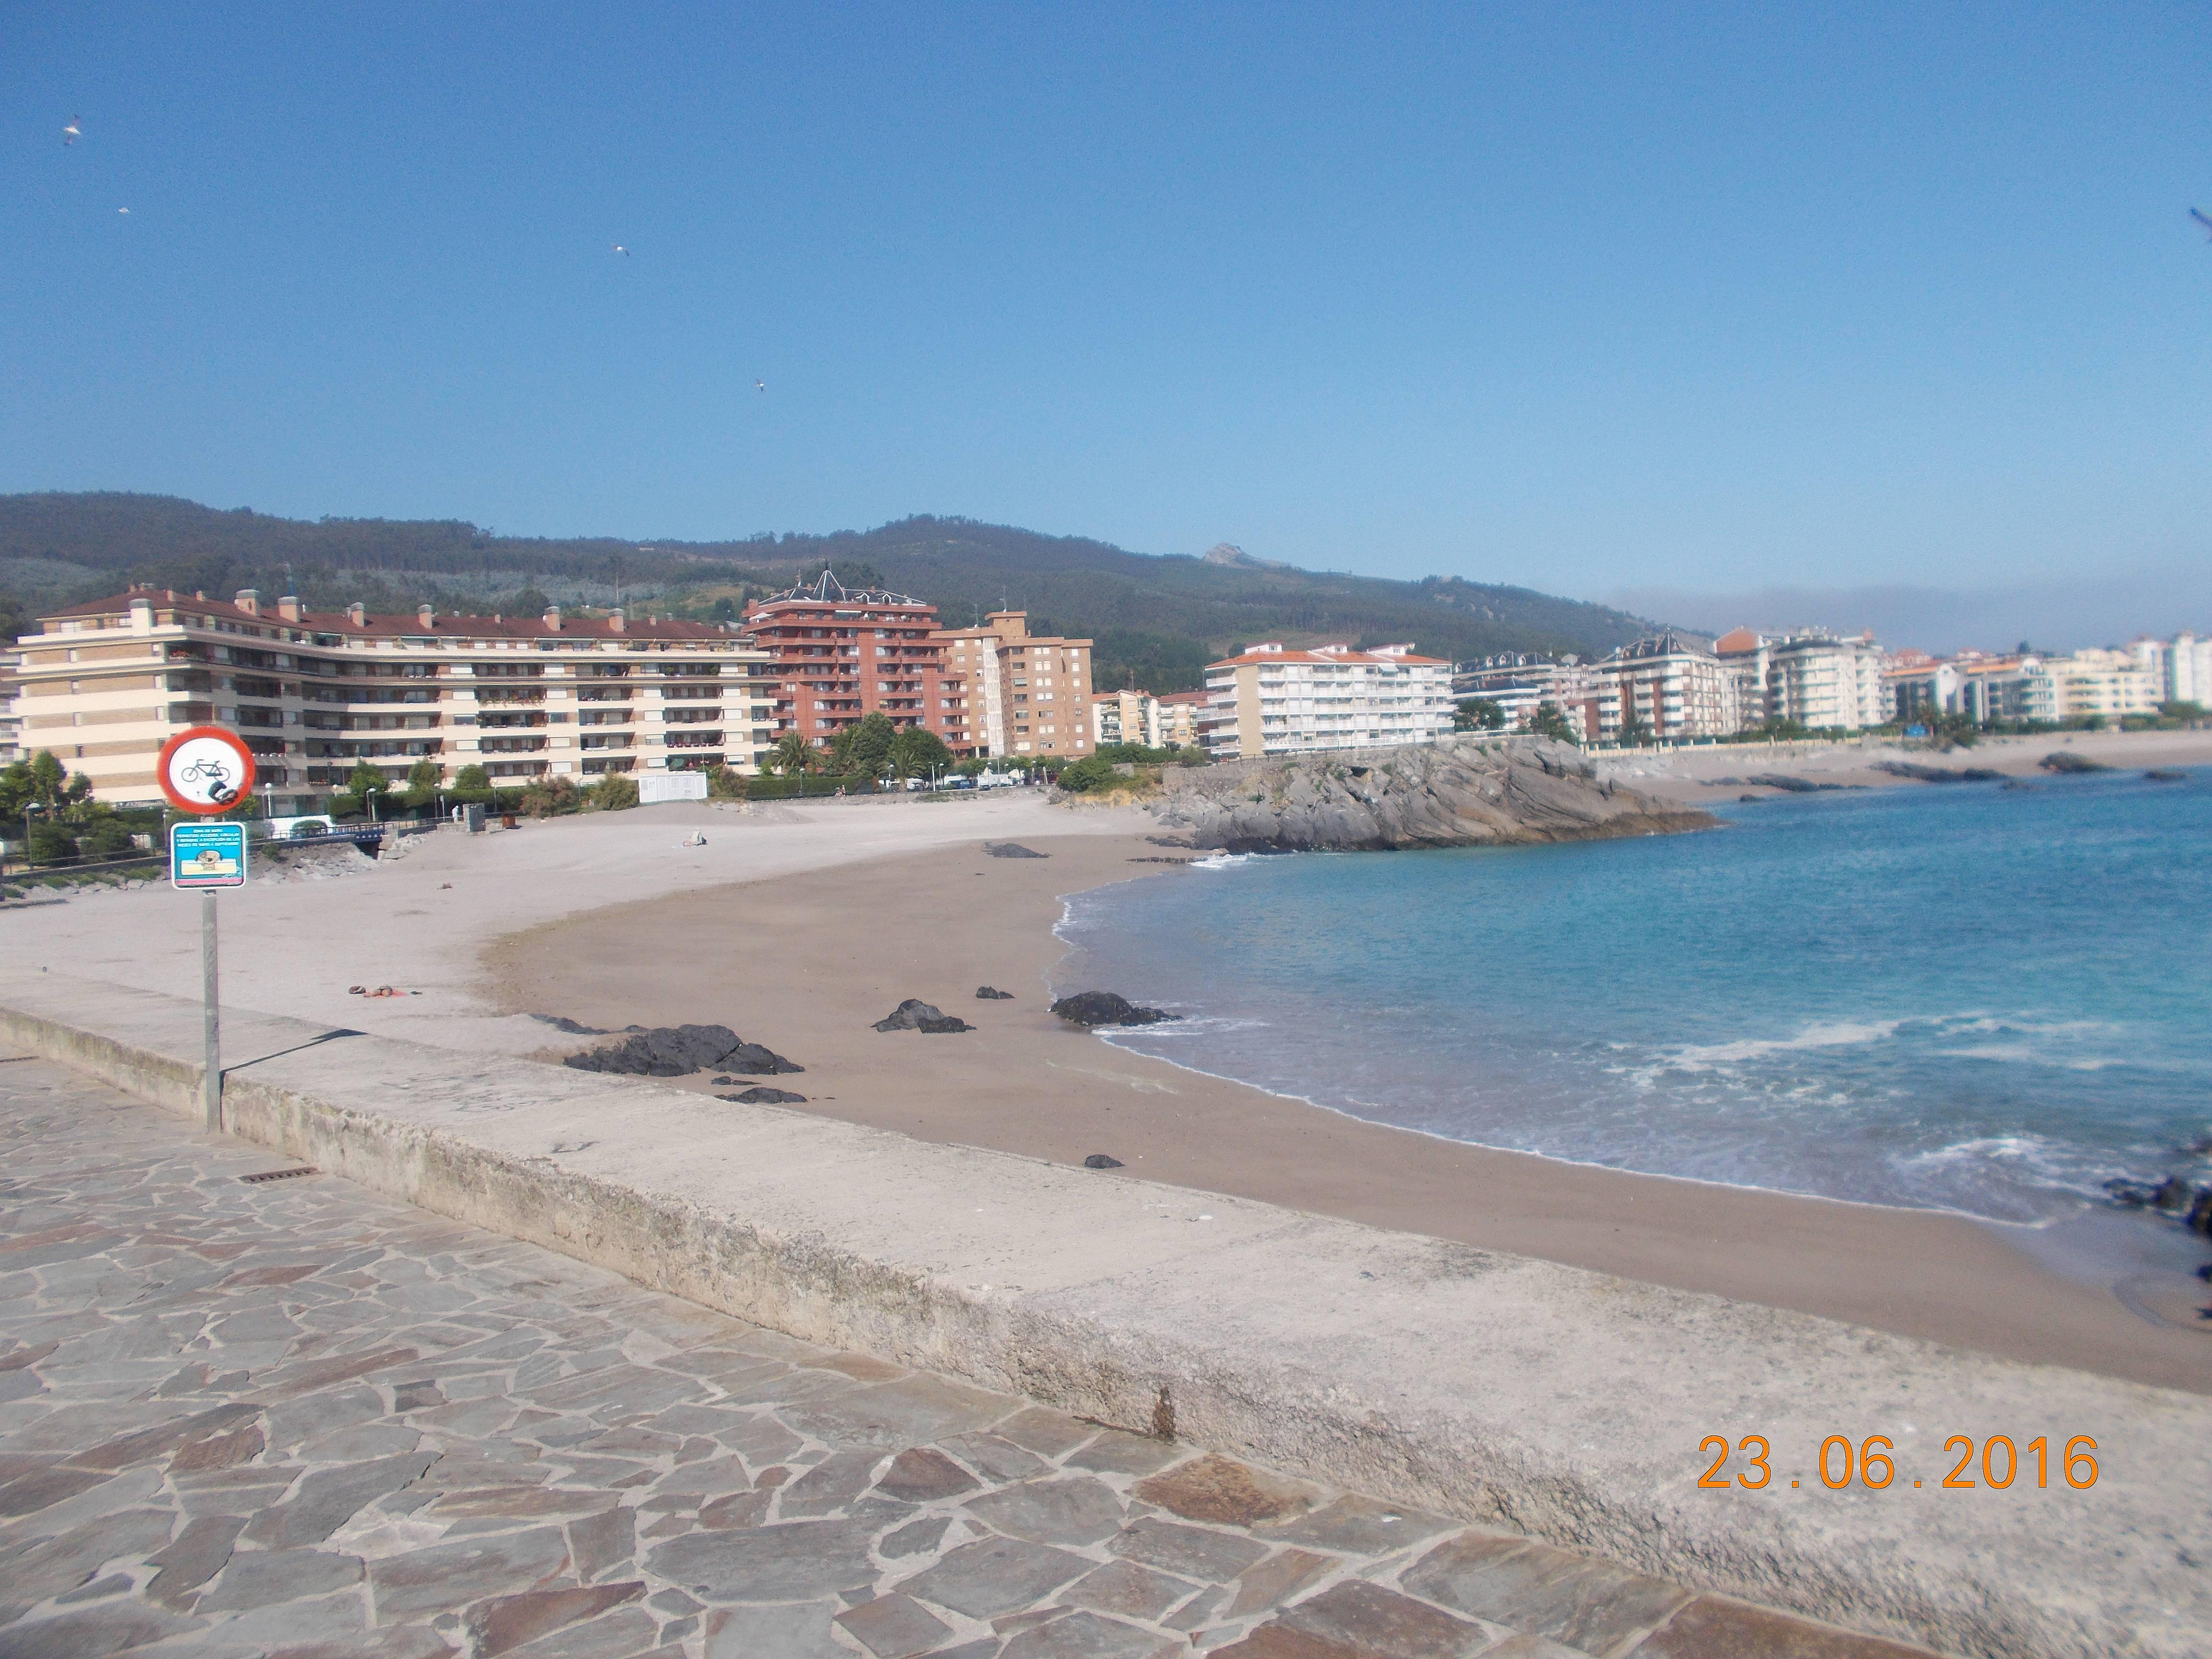 Apartamento en alquiler a 50 m de la playa castro urdiales cantabria camino de santiago del - Apartamentos en cantabria playa ...